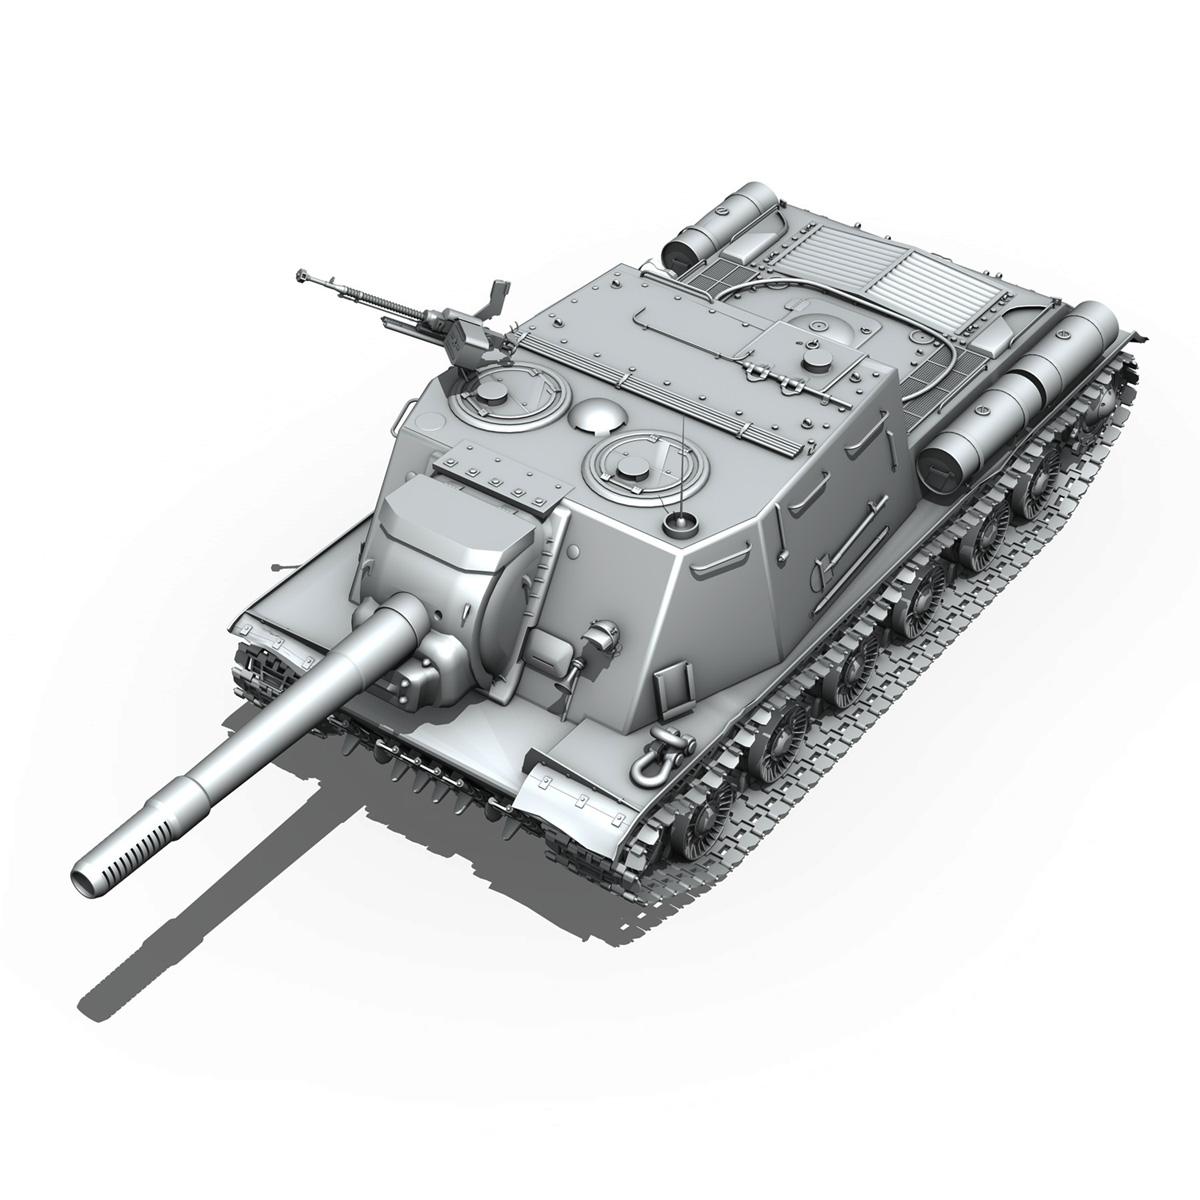 isu 152 soviet heavy self propelled gun v2 3d model 3ds fbx c4d lwo obj 188876